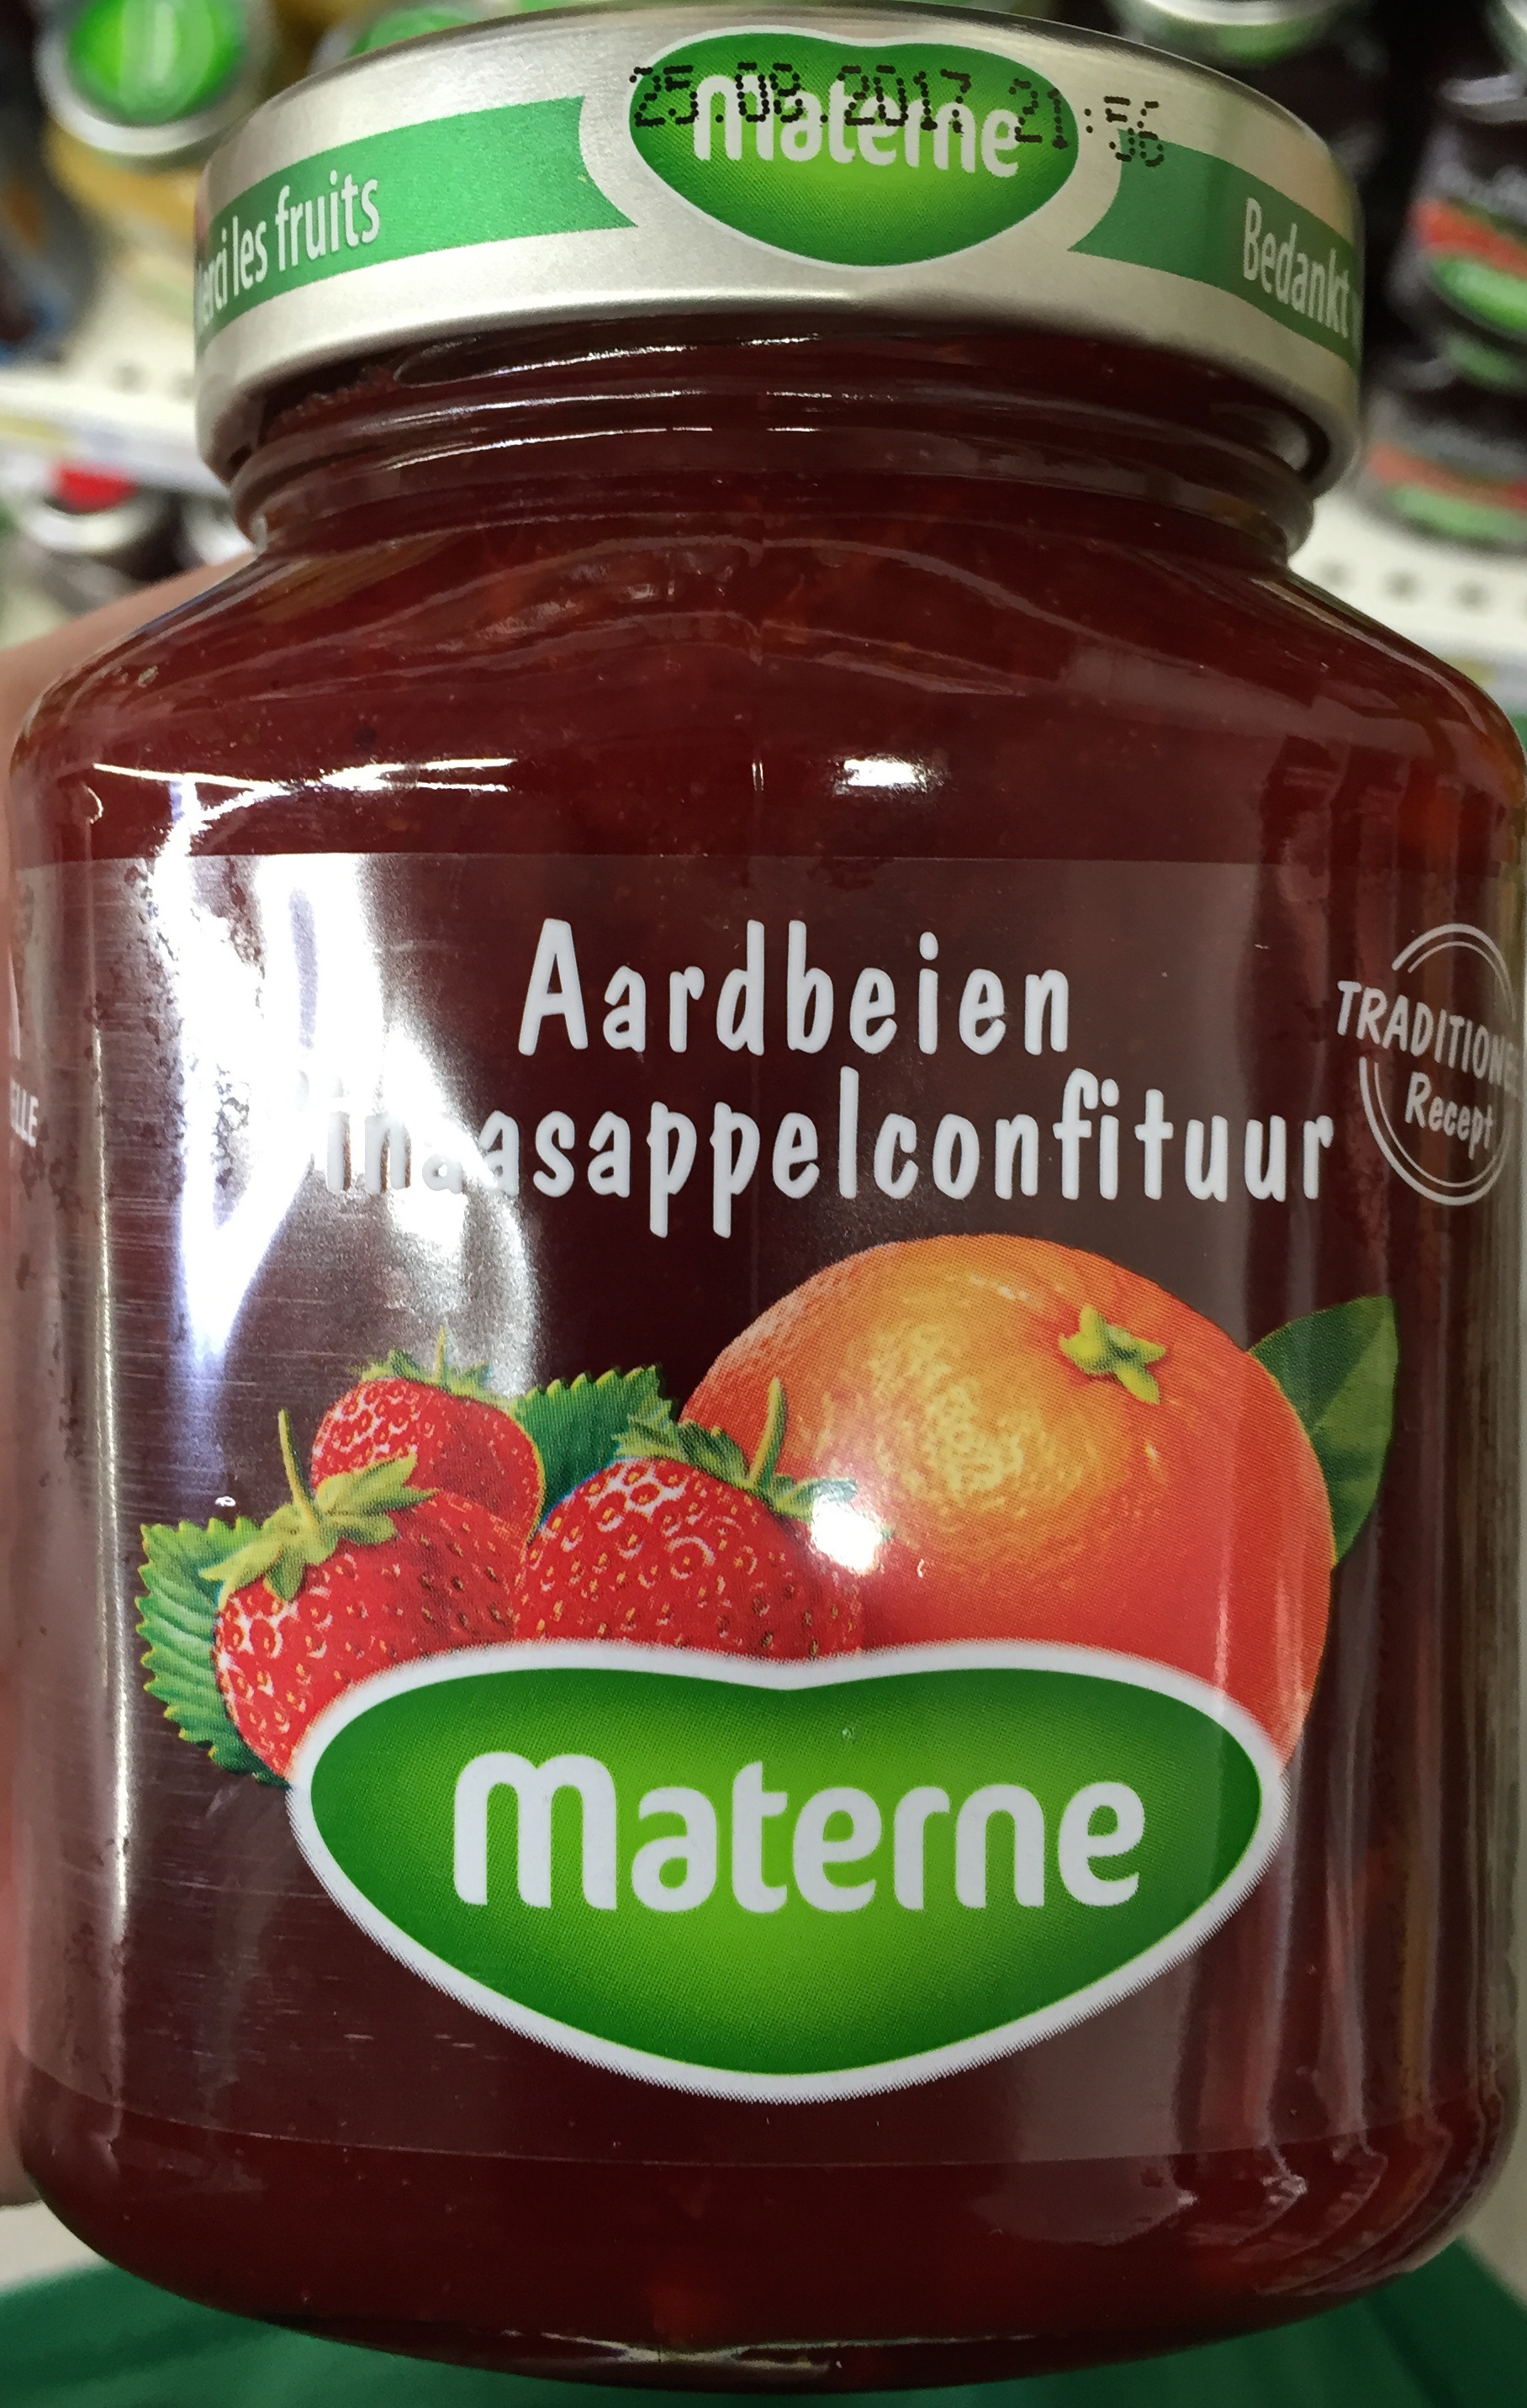 Aardbeien-sinaasappel confituur - Product - fr